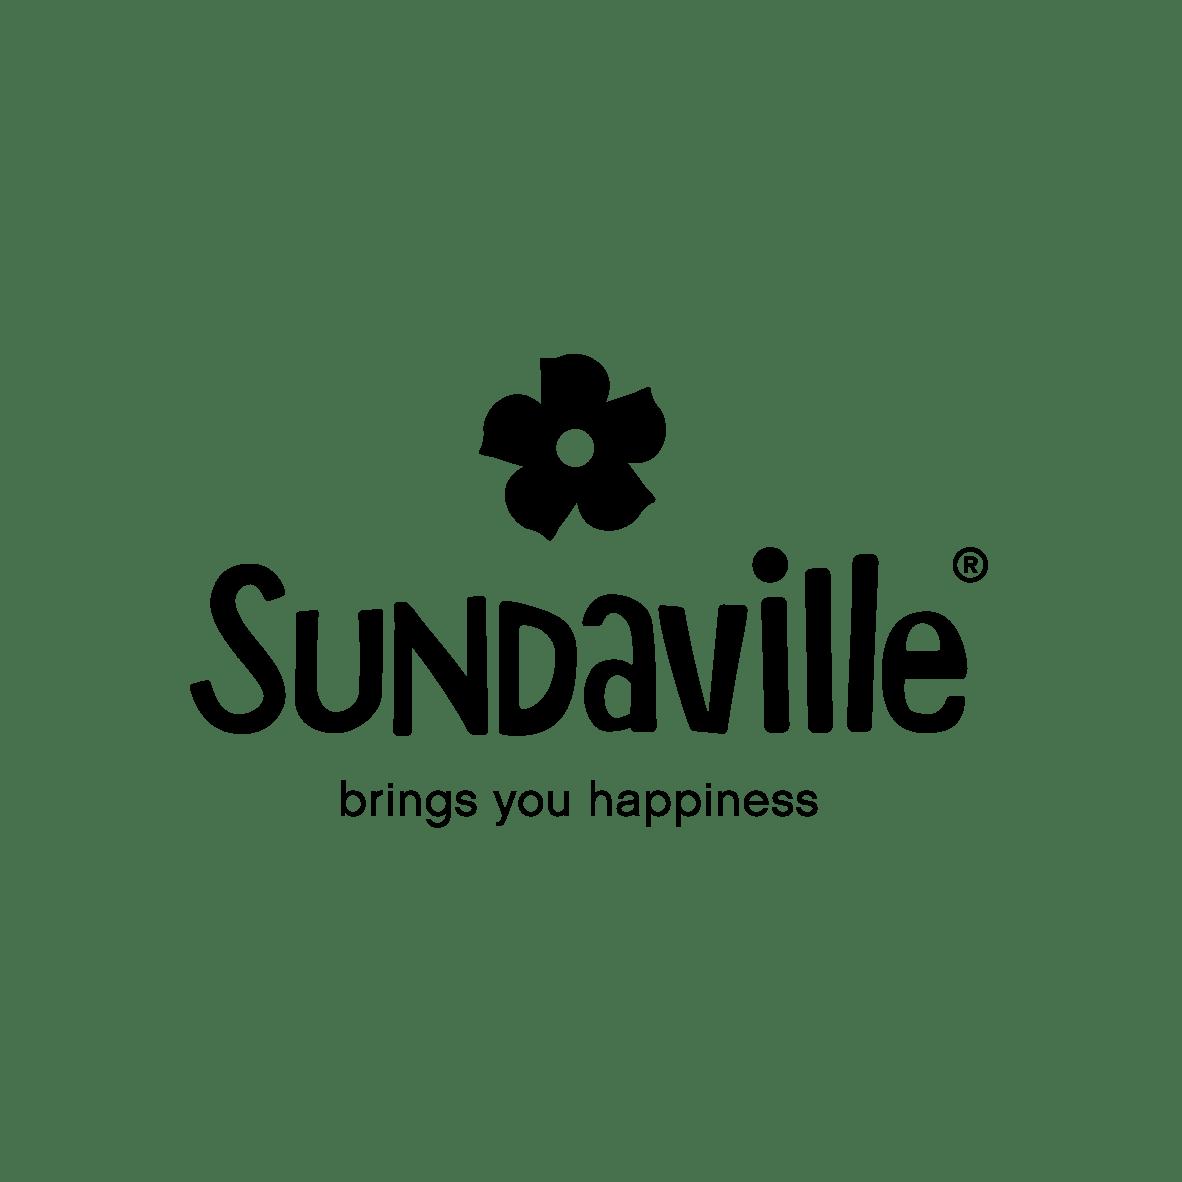 Sundaville®